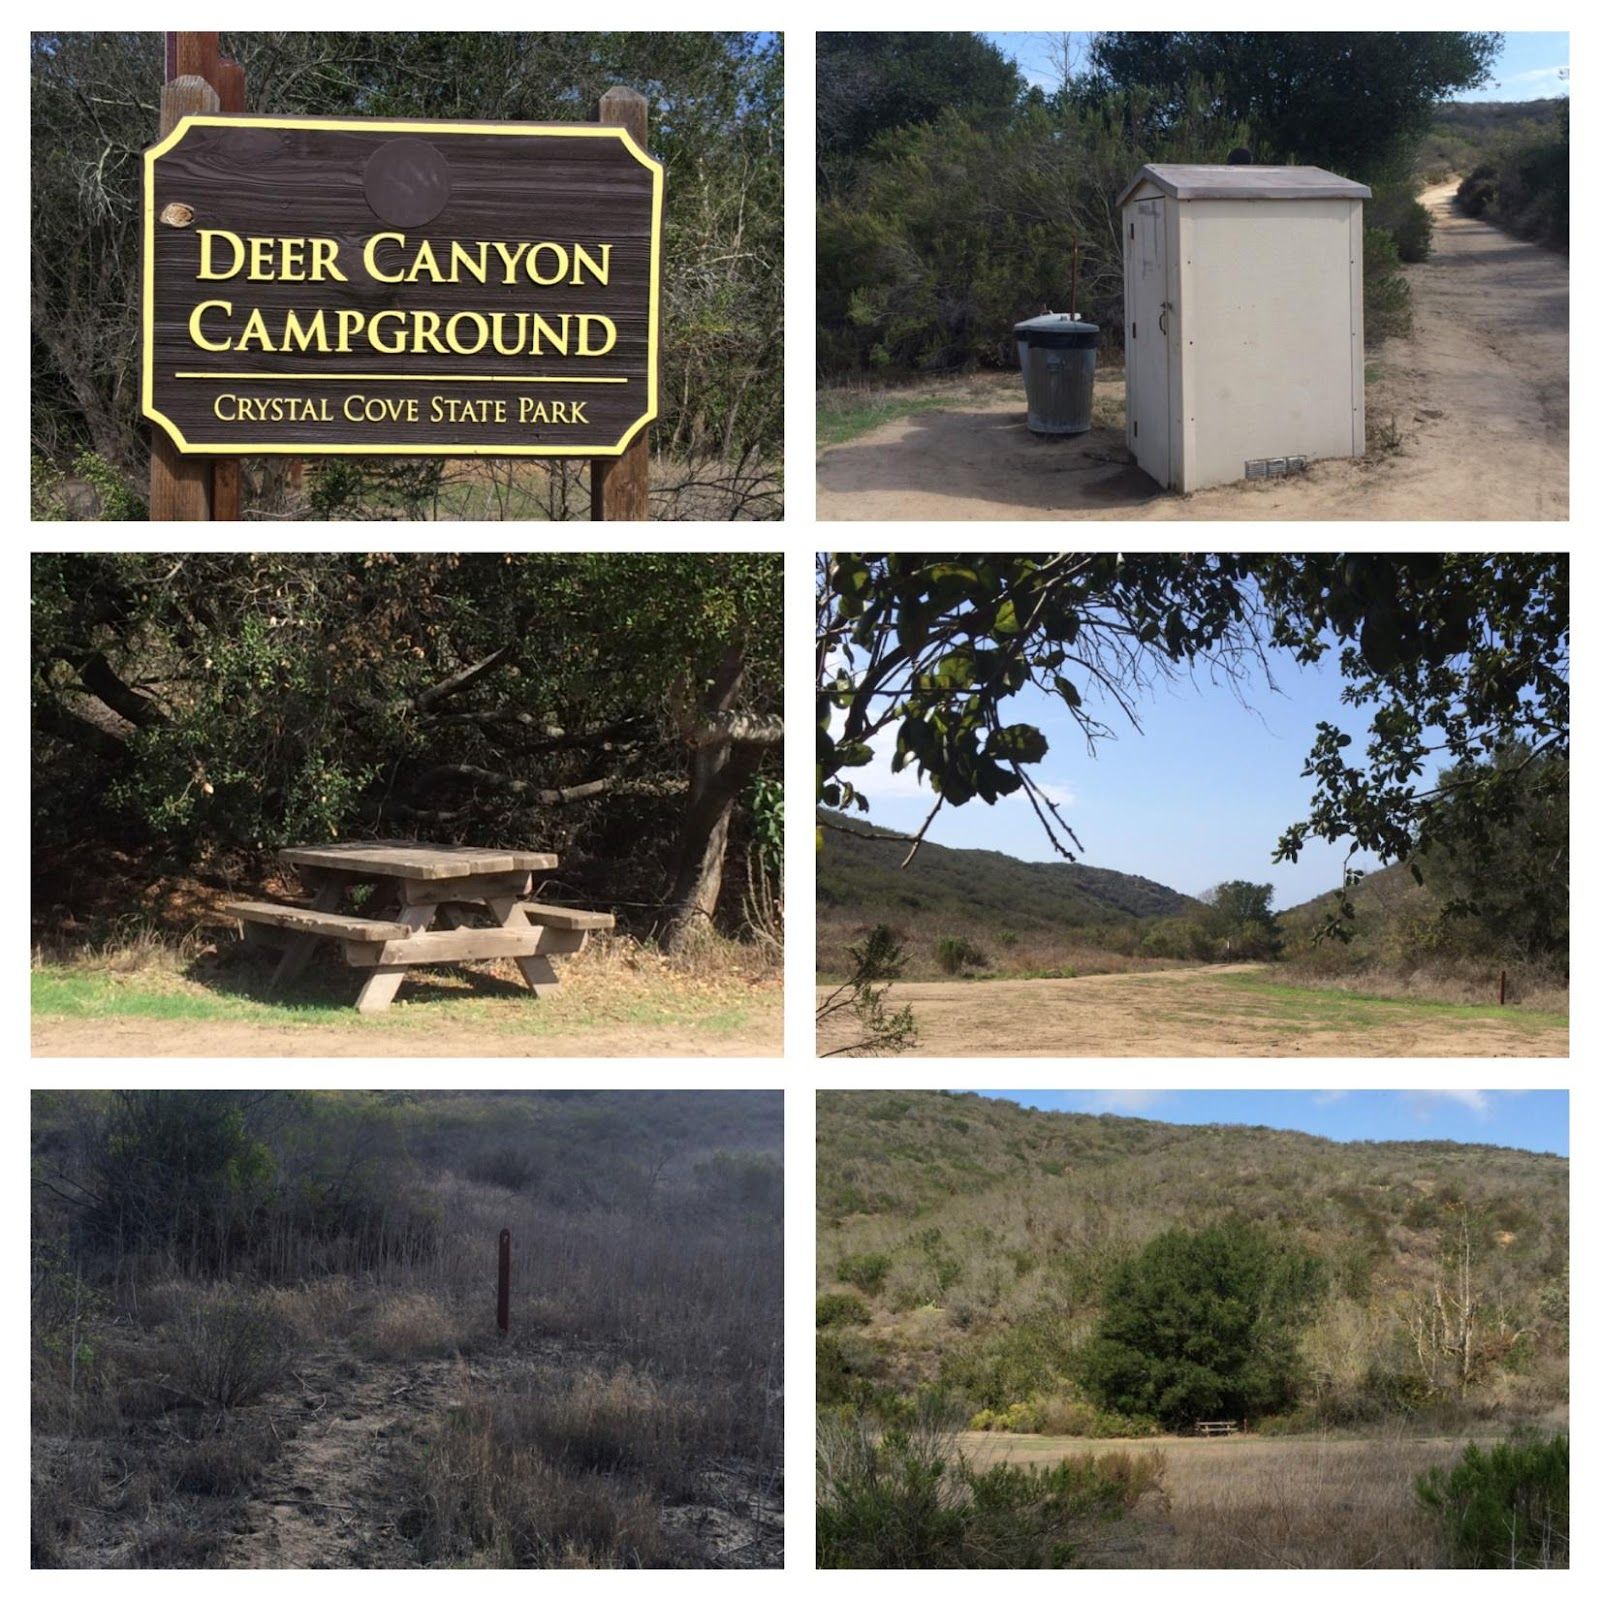 http://www.crystalcovestatepark.org/wp-content/uploads/2015/04/Deer-Canyon.jpg